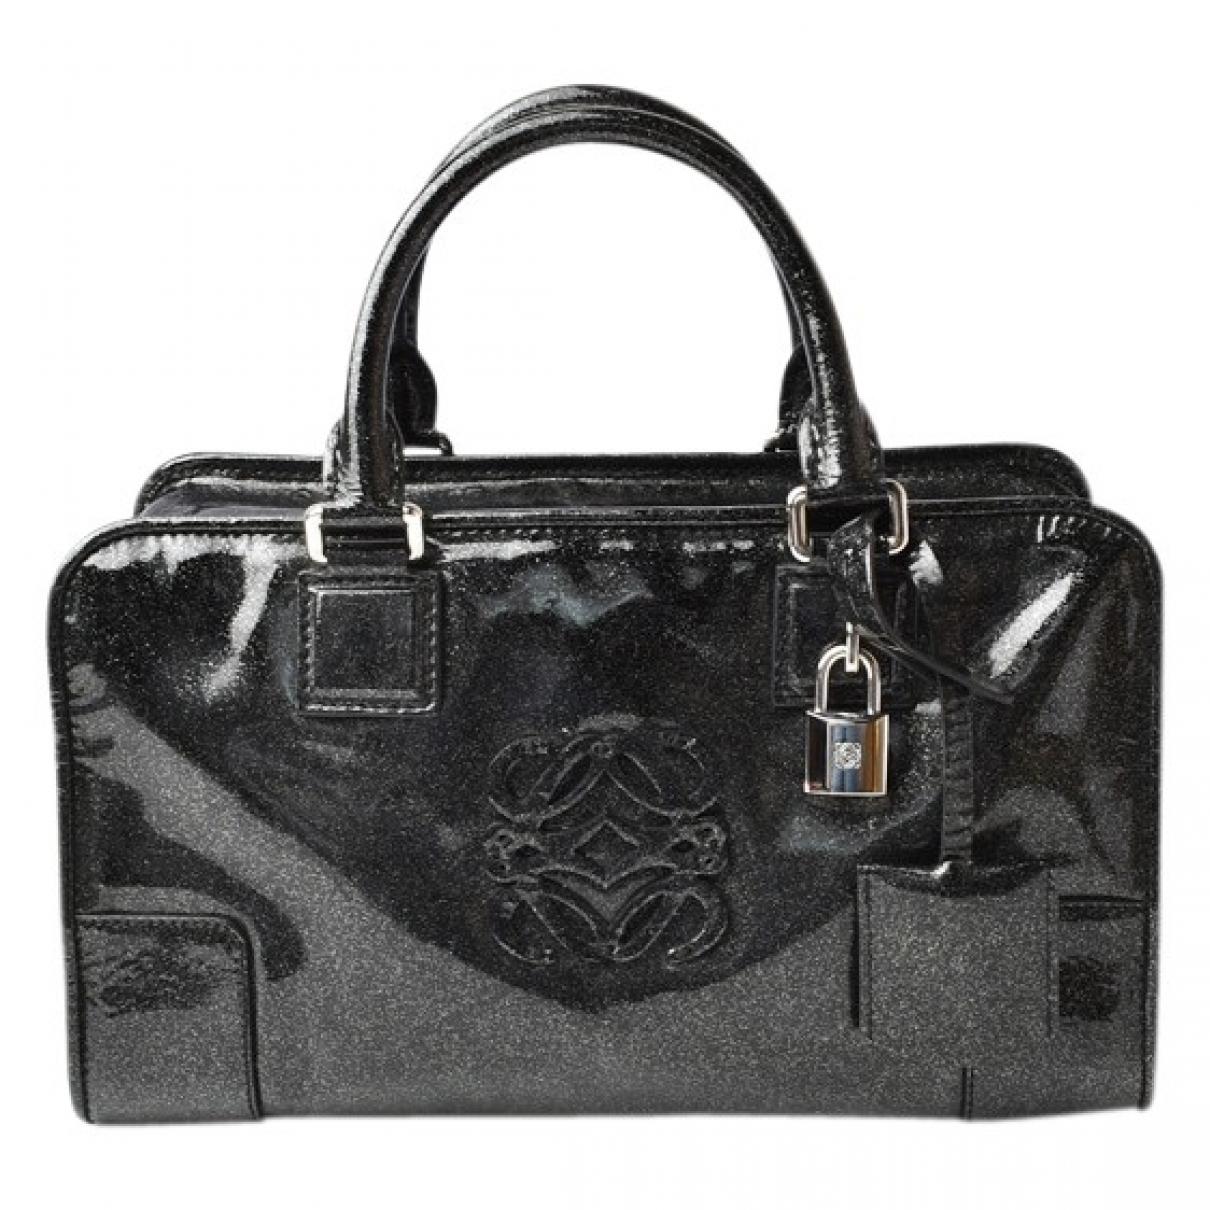 Loewe Amazona Handtasche in  Schwarz Lackleder